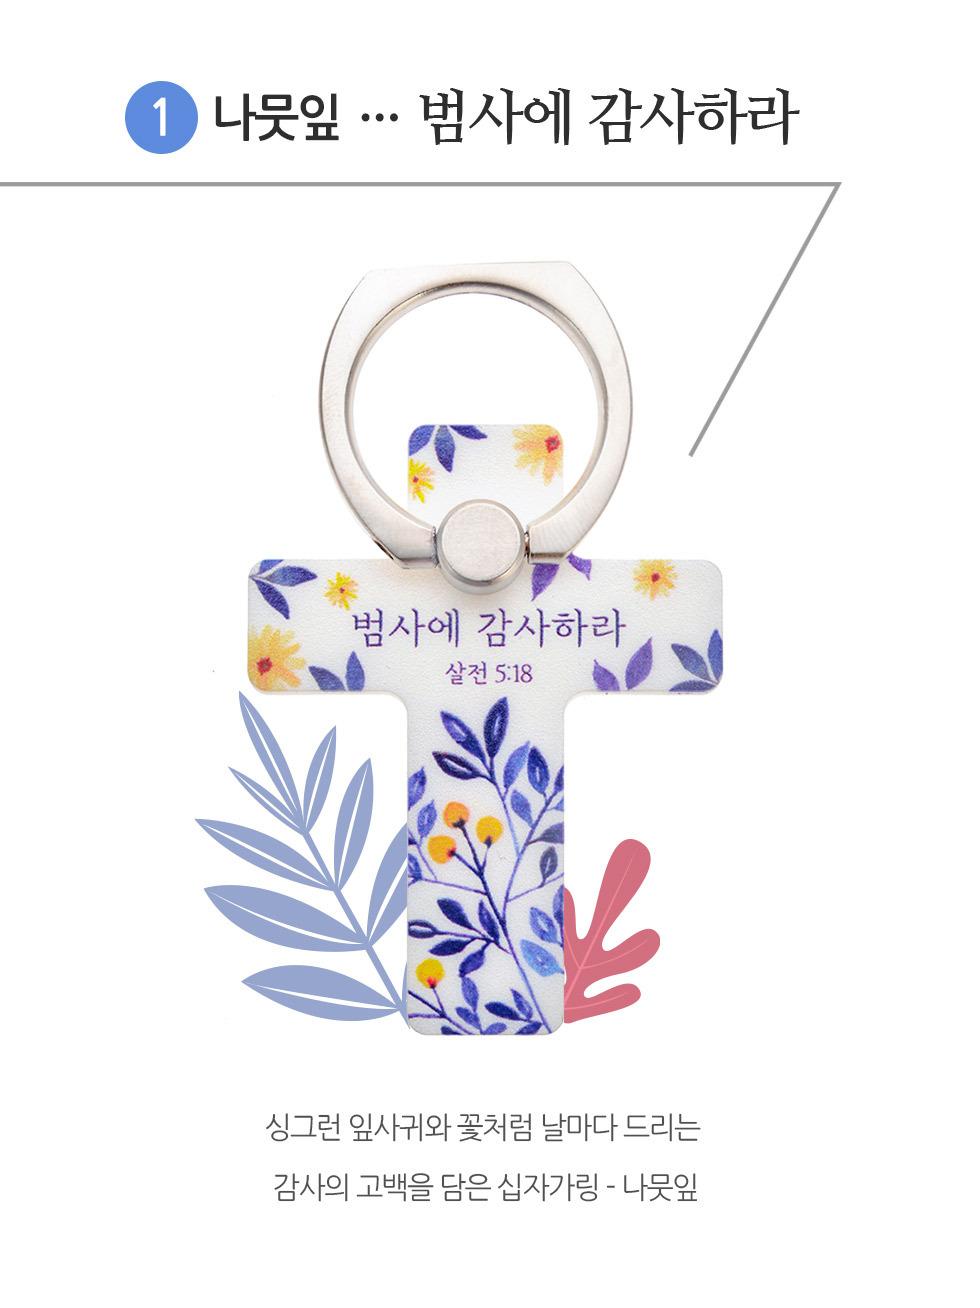 스마트폰 거치대 십자가링 3탄 제품보기1 - 나뭇잎, 범사에 감사하라